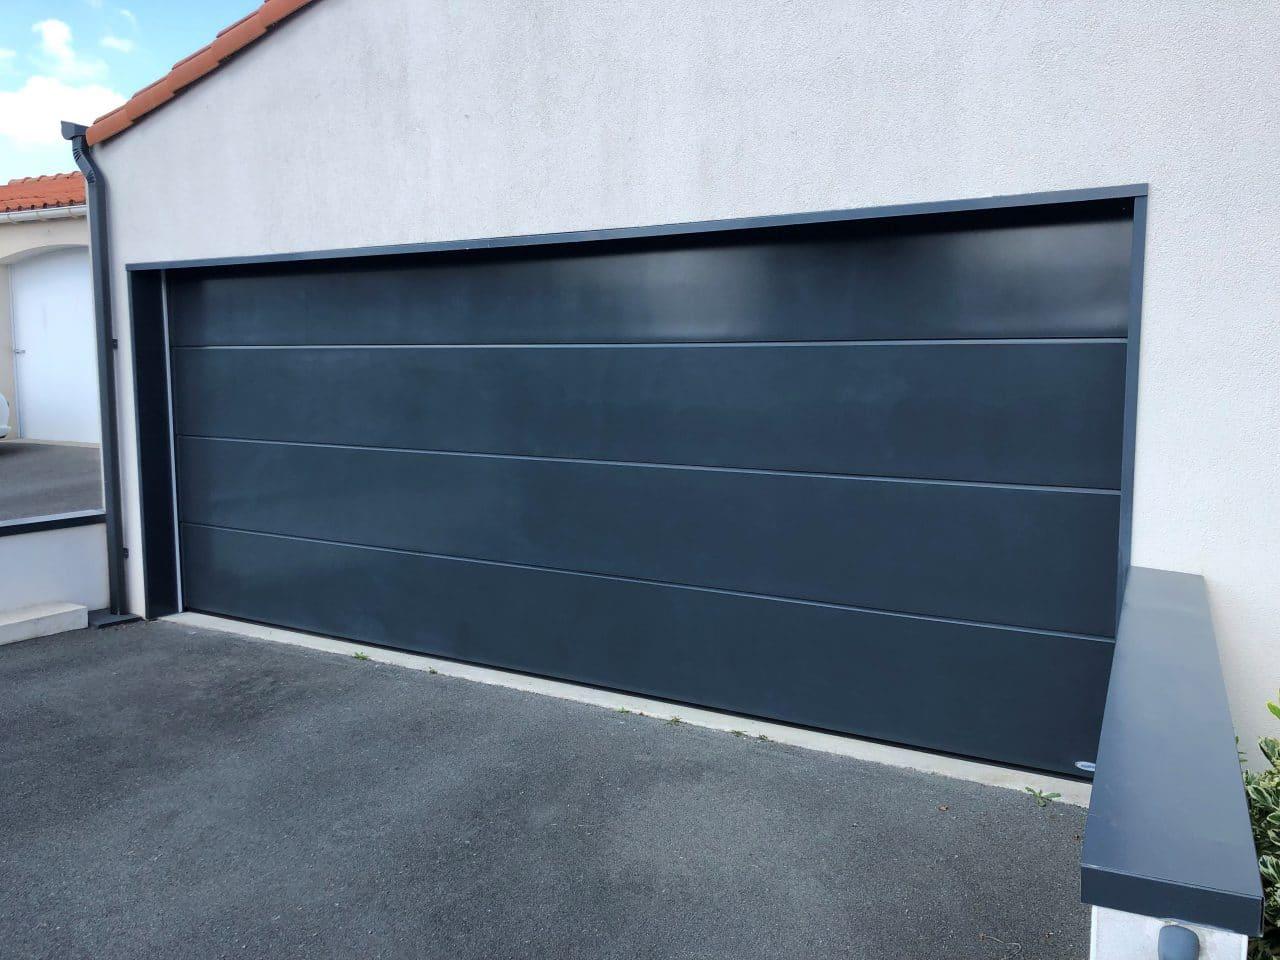 rénovation porte de garage La Roche-sur-Yon